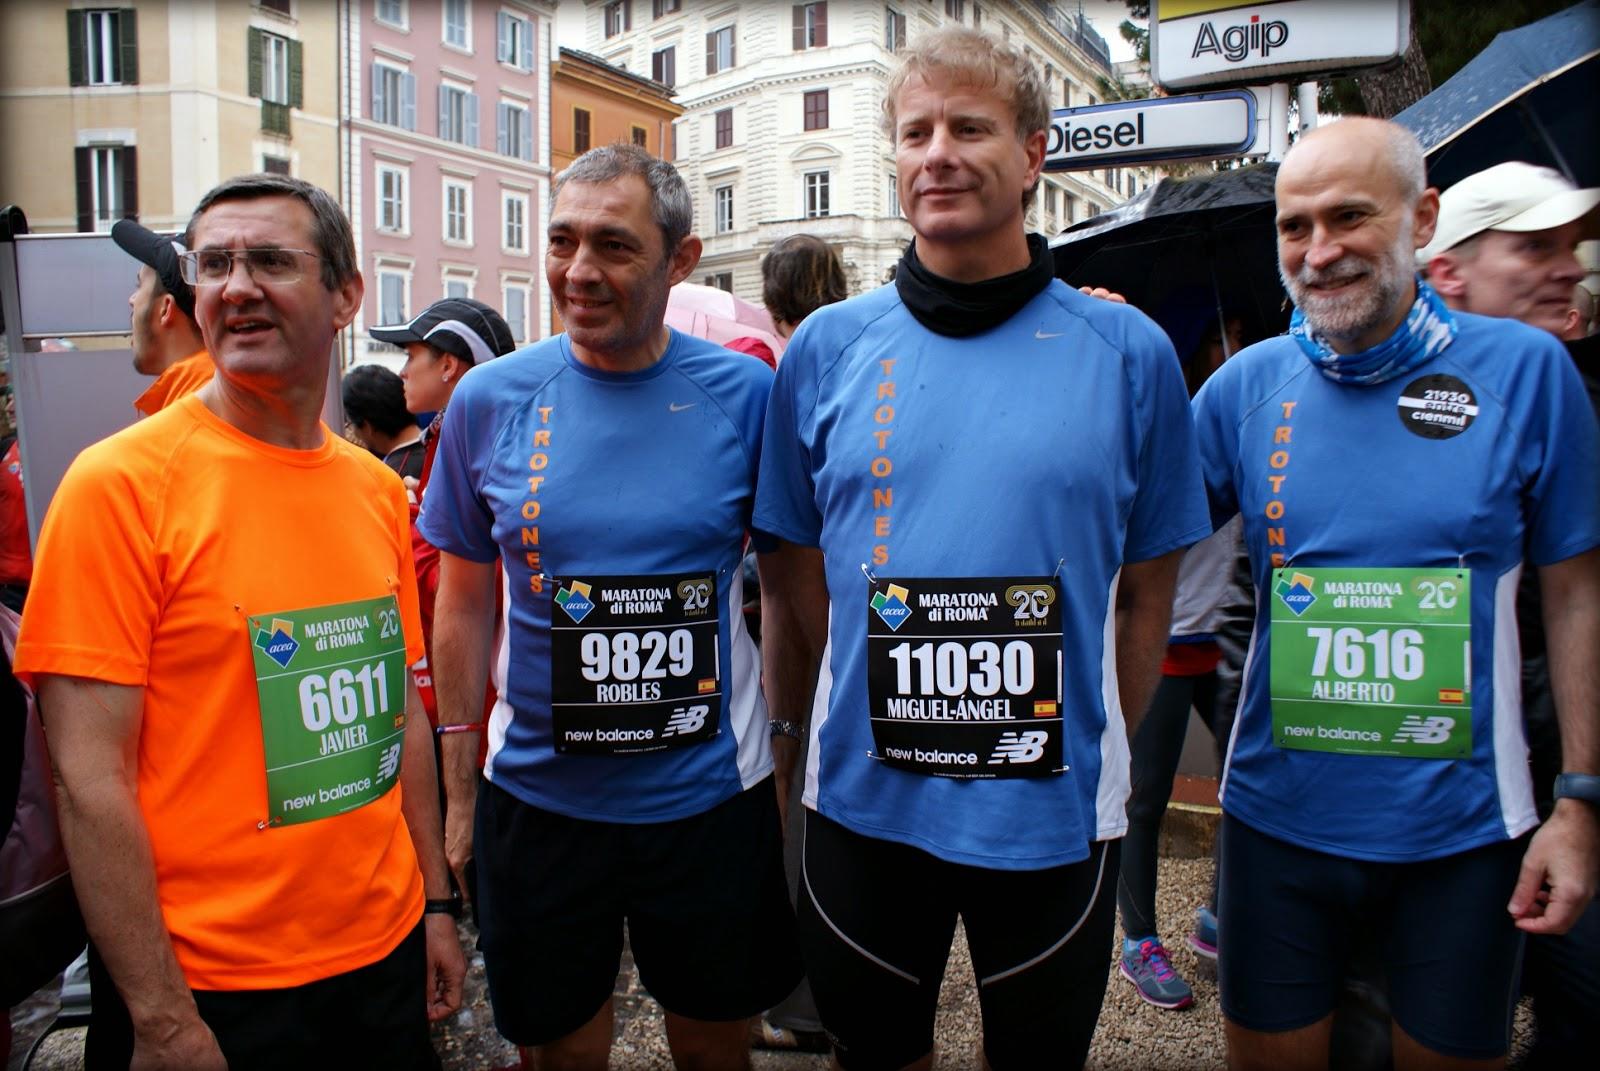 Maratón de Roma 2014 antes de salir